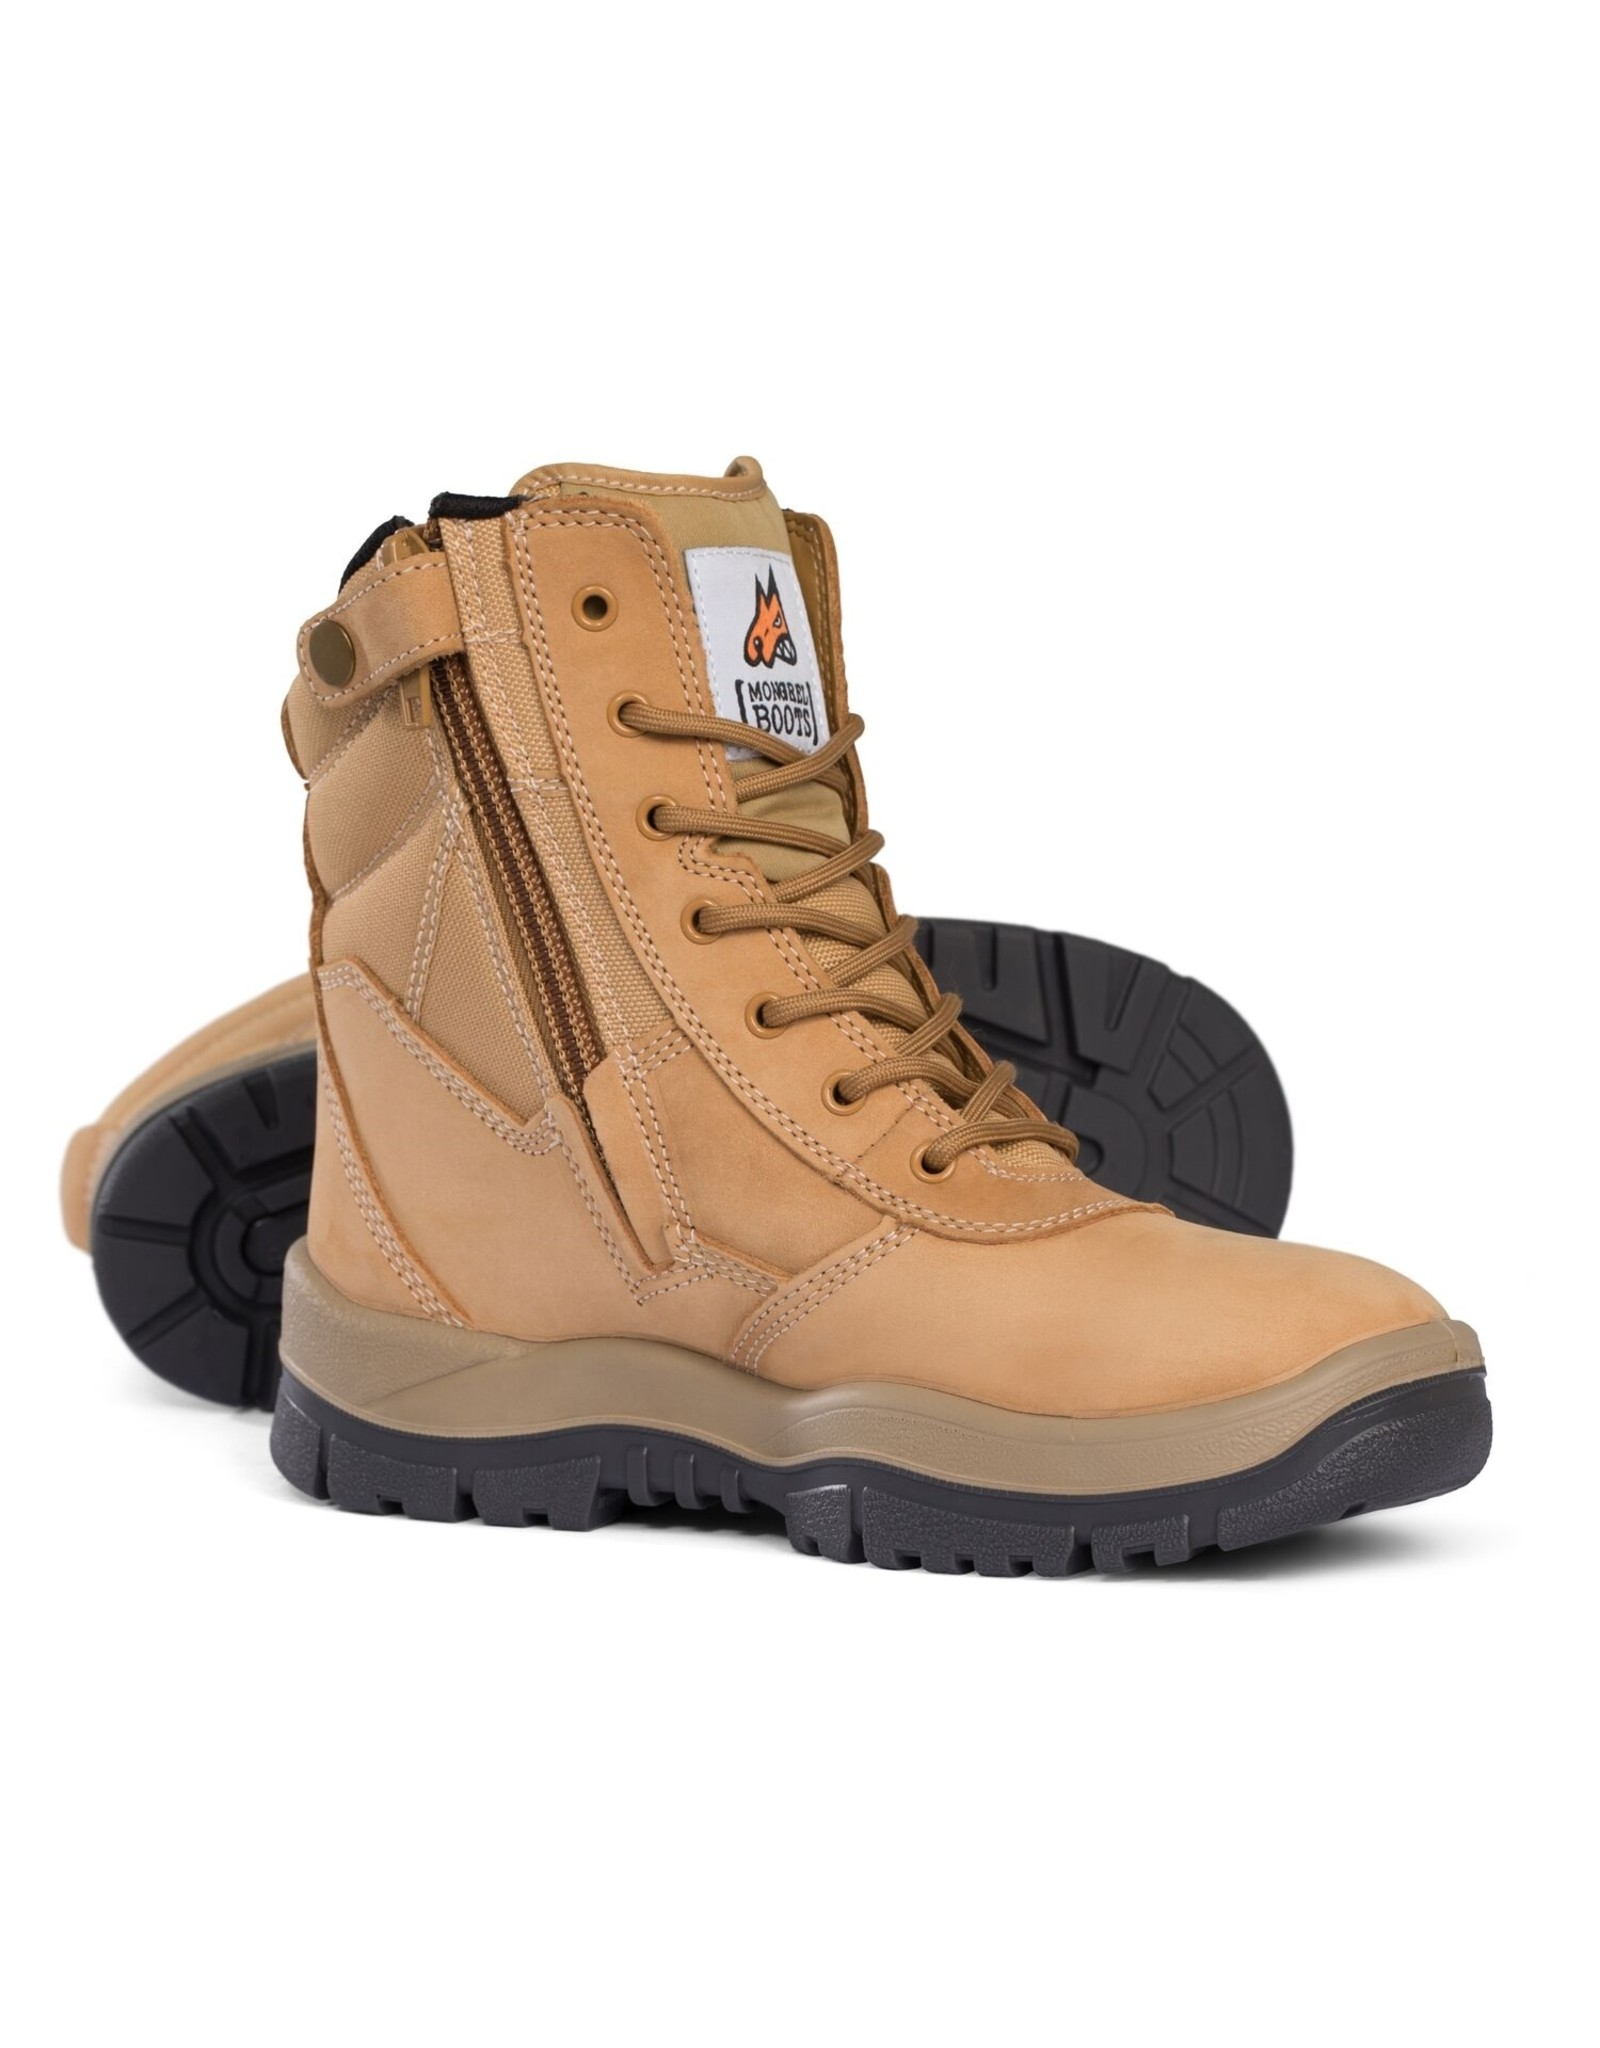 Mongrel Mongrel 'P' Series High Leg Zip Sided Wheat Steel Cap Boot